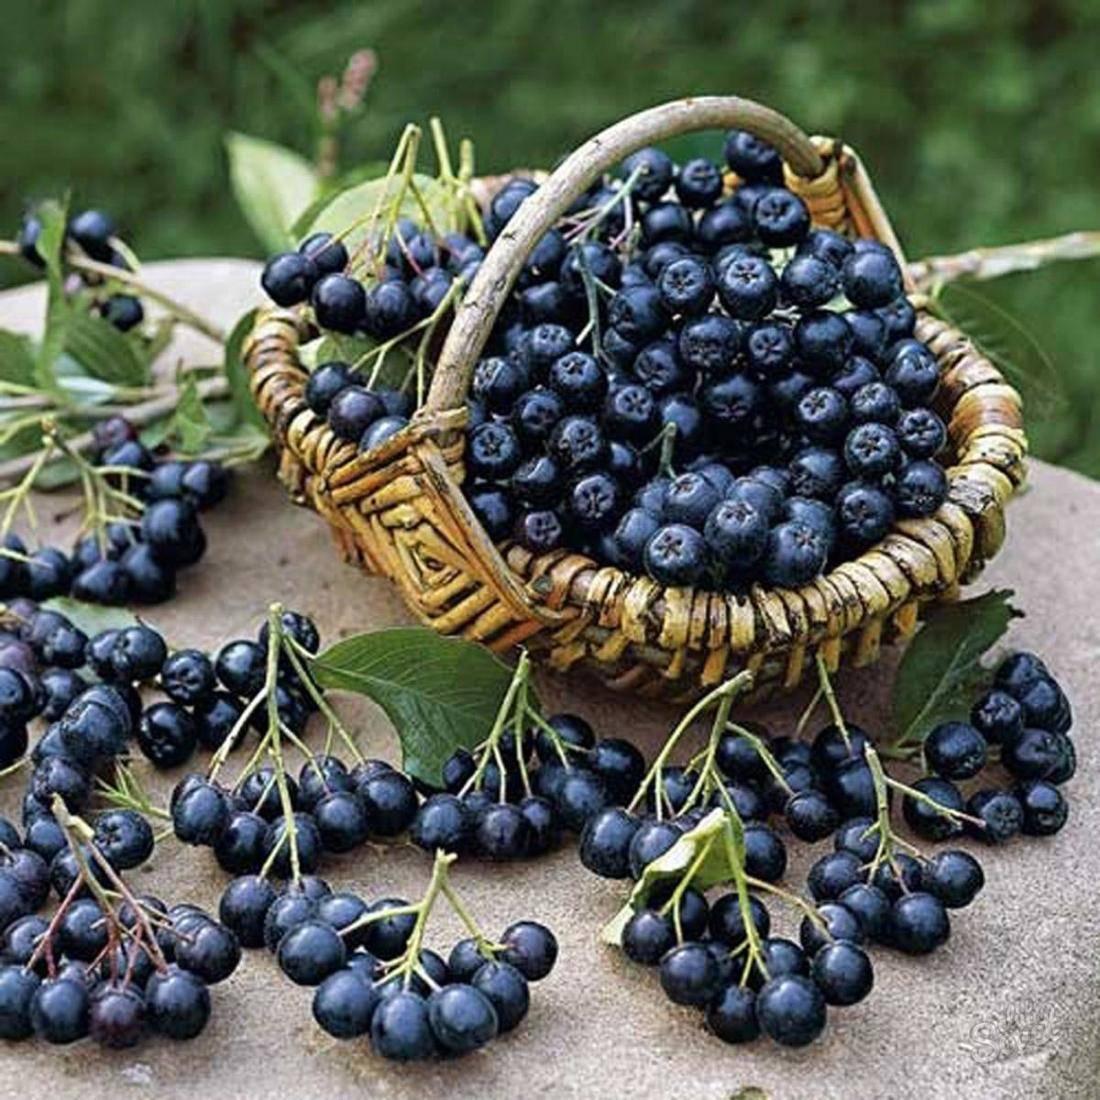 Лечебные свойства черноплодной рябины, польза и вред, рецепты приготовления